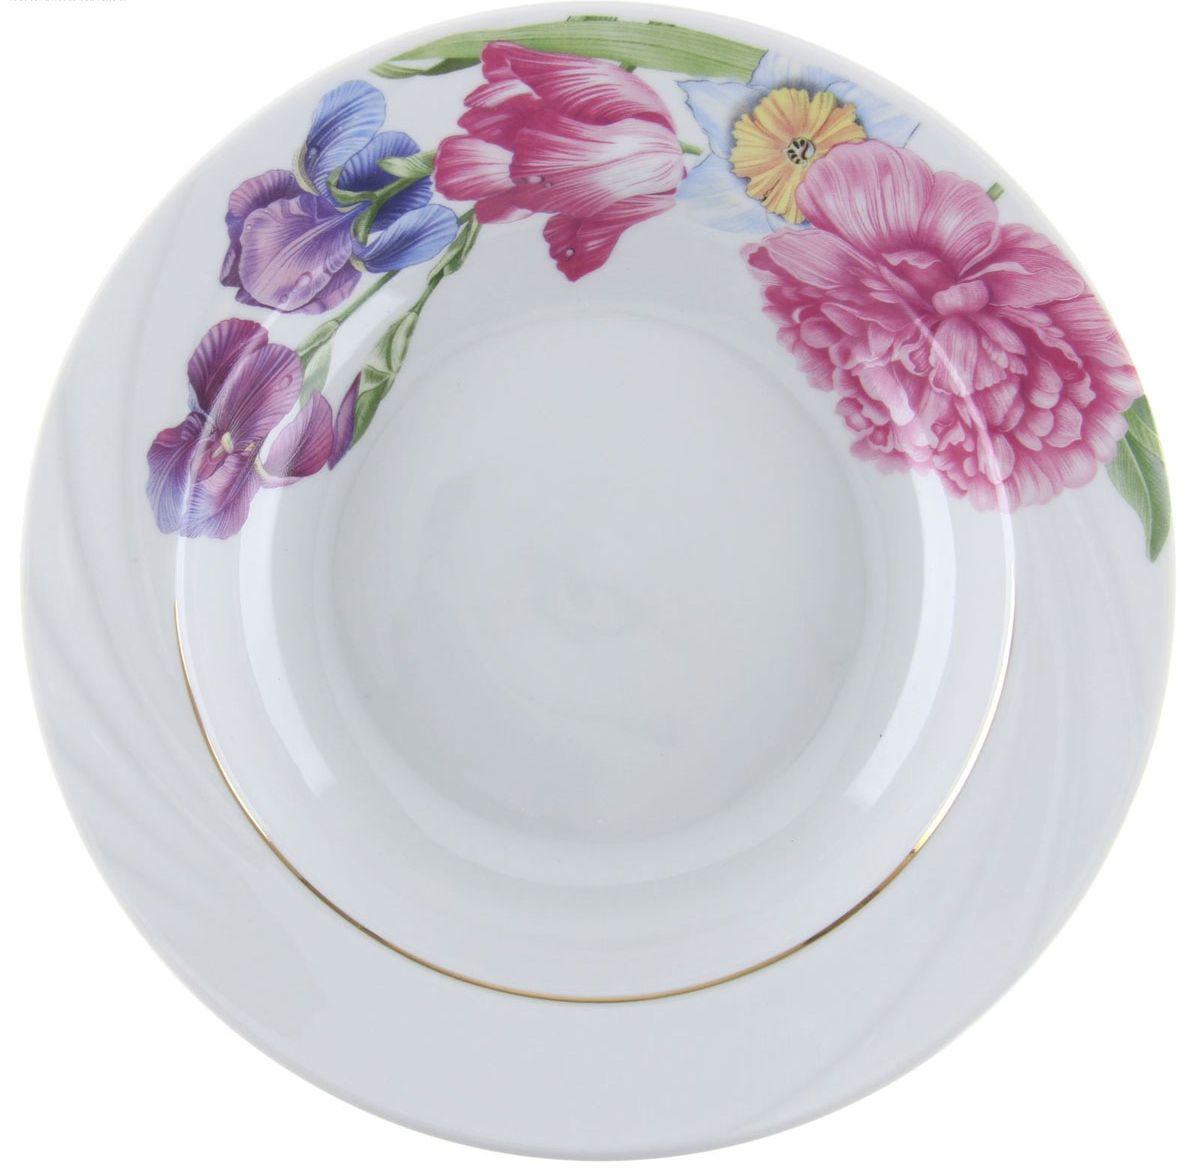 Тарелка глубокая Голубка. Английская классика, диаметр 20 см115010Глубокая тарелка Голубка. Английская классика выполнена из высококачественного фарфора и украшена ярким рисунком. Она прекрасно впишется в интерьер вашей кухни и станет достойным дополнением к кухонному инвентарю. Тарелка Голубка. Английская классика подчеркнет прекрасный вкус хозяйки и станет отличным подарком.